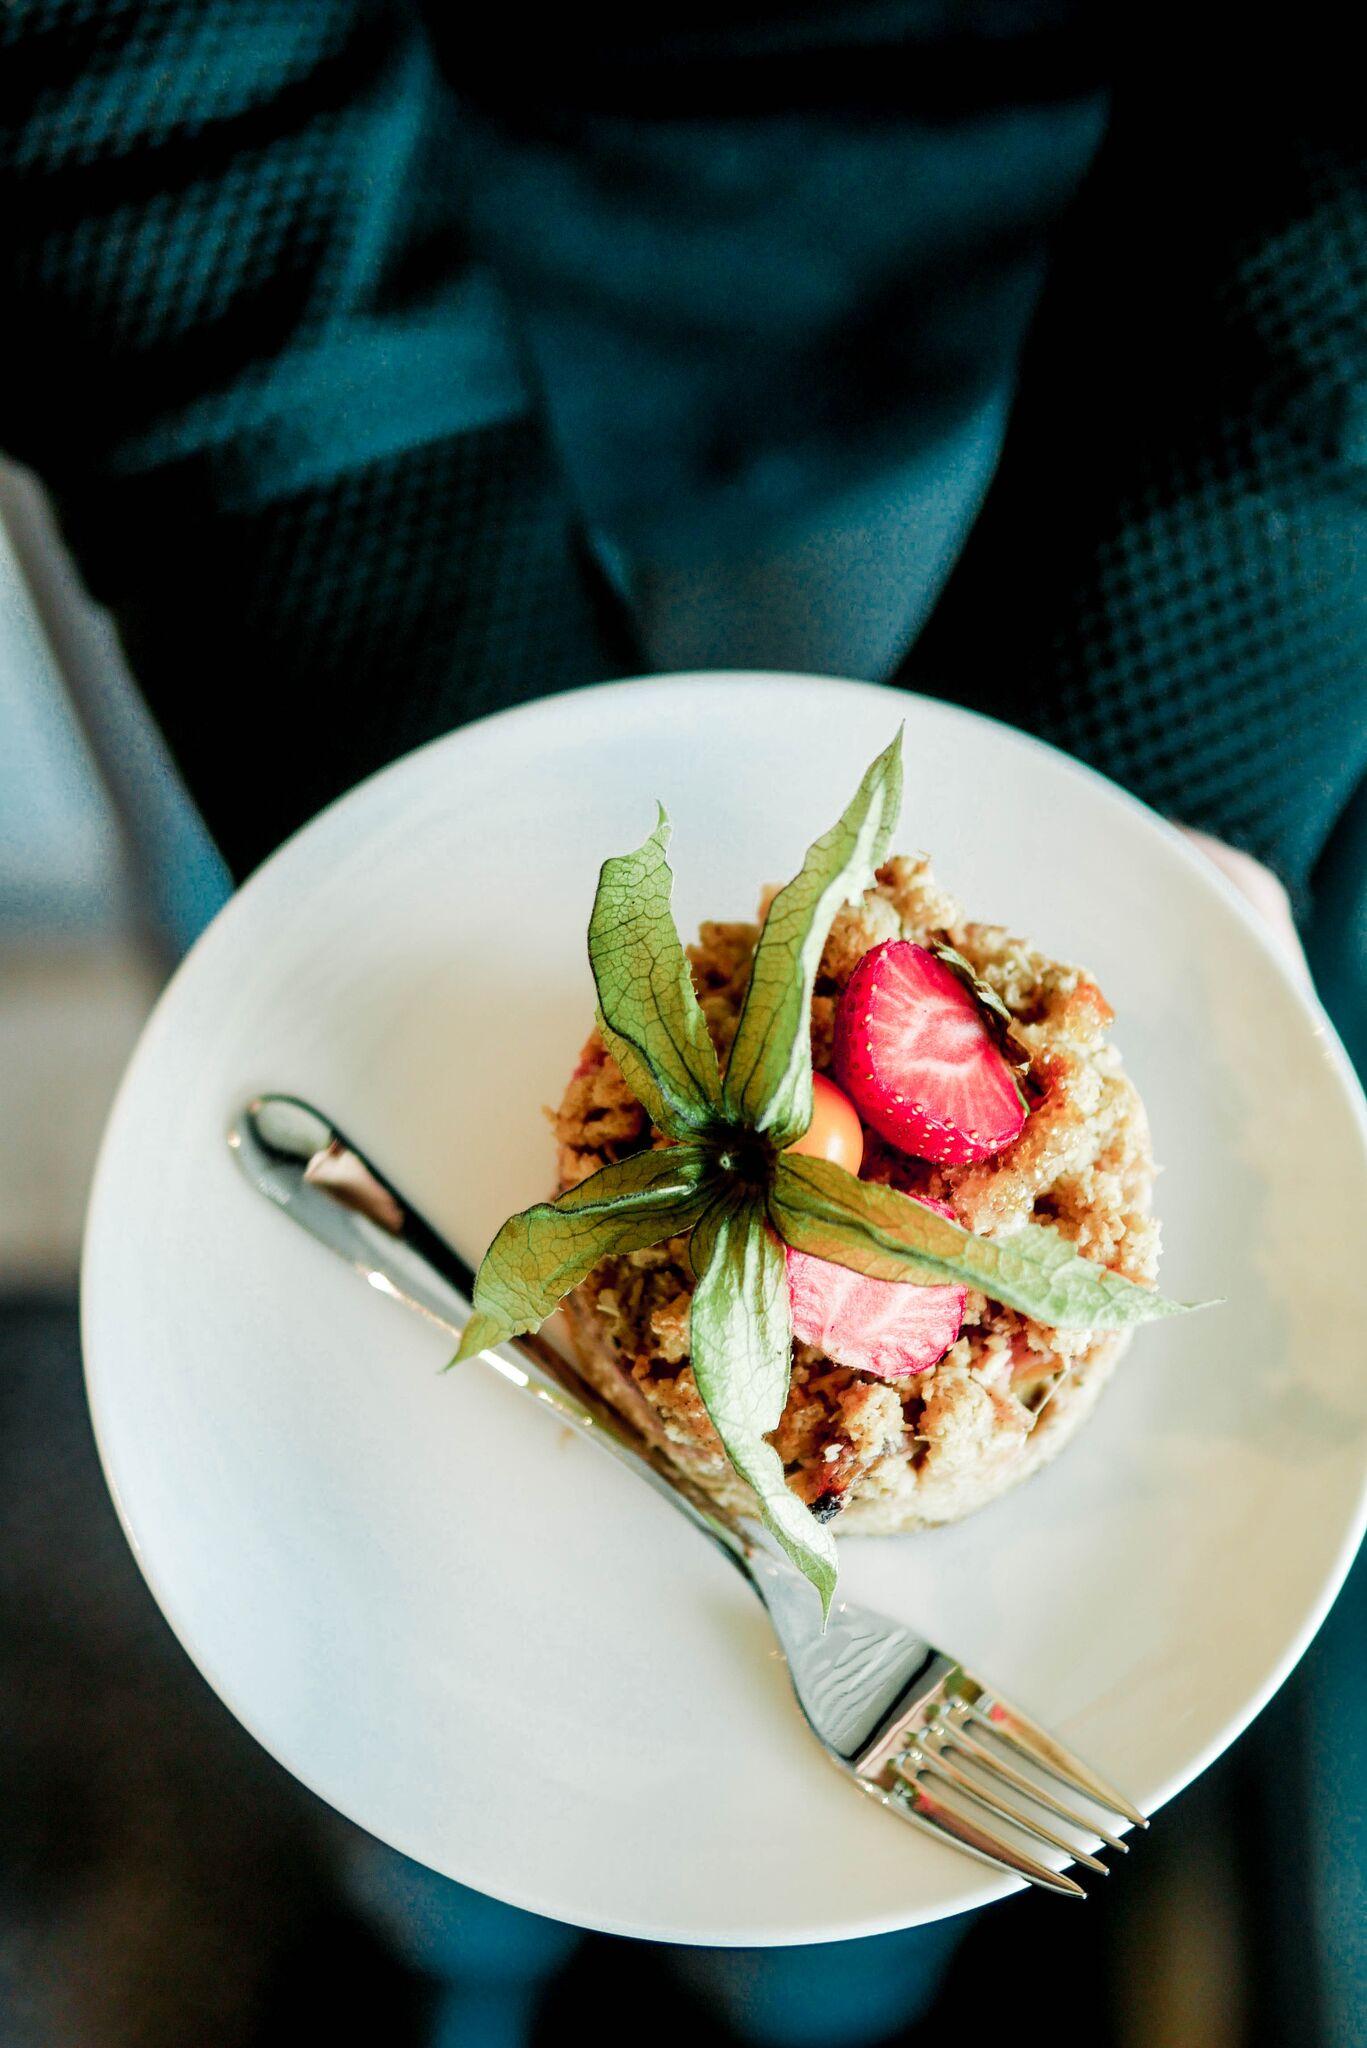 ....Rabarberi purukook..Rhubarb cake.... - ....Väga suvine kook ja hea valik neile, kes ei naudi väga tummiseid magustoite...Very summery cake! A great choice for those who enjoy lighter and slightly sour desserts.....